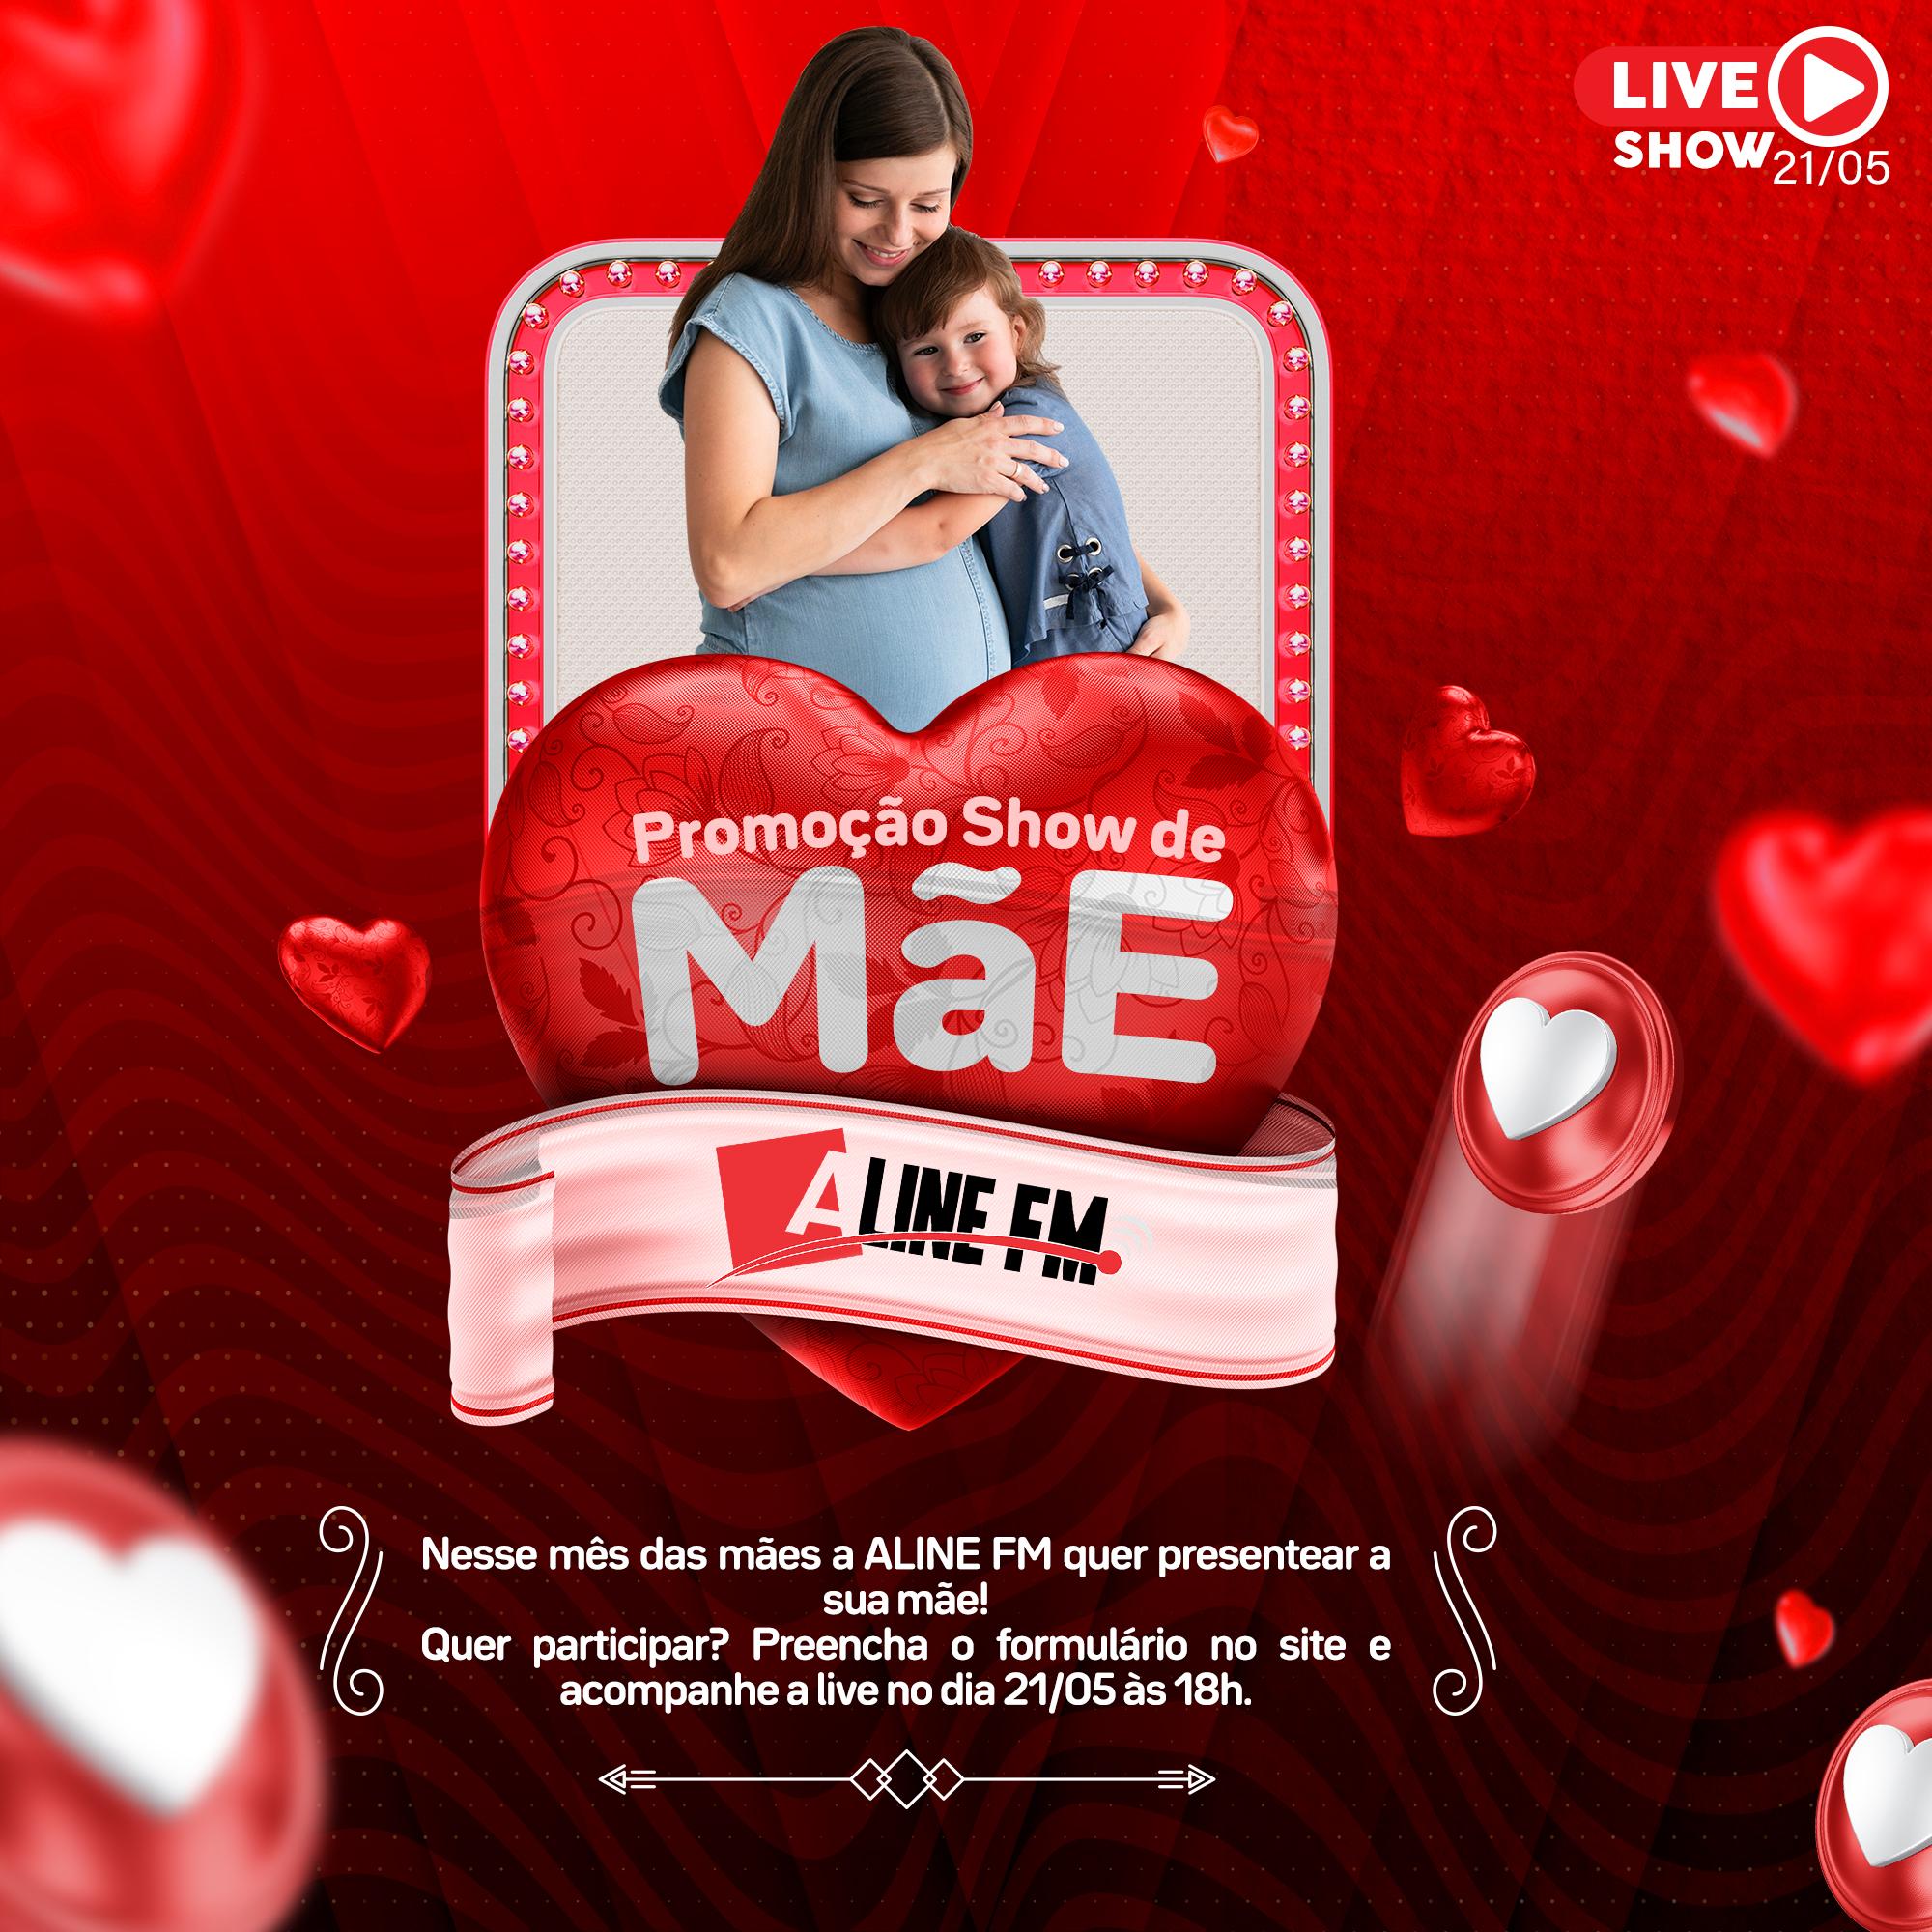 Promoção Show de Mãe